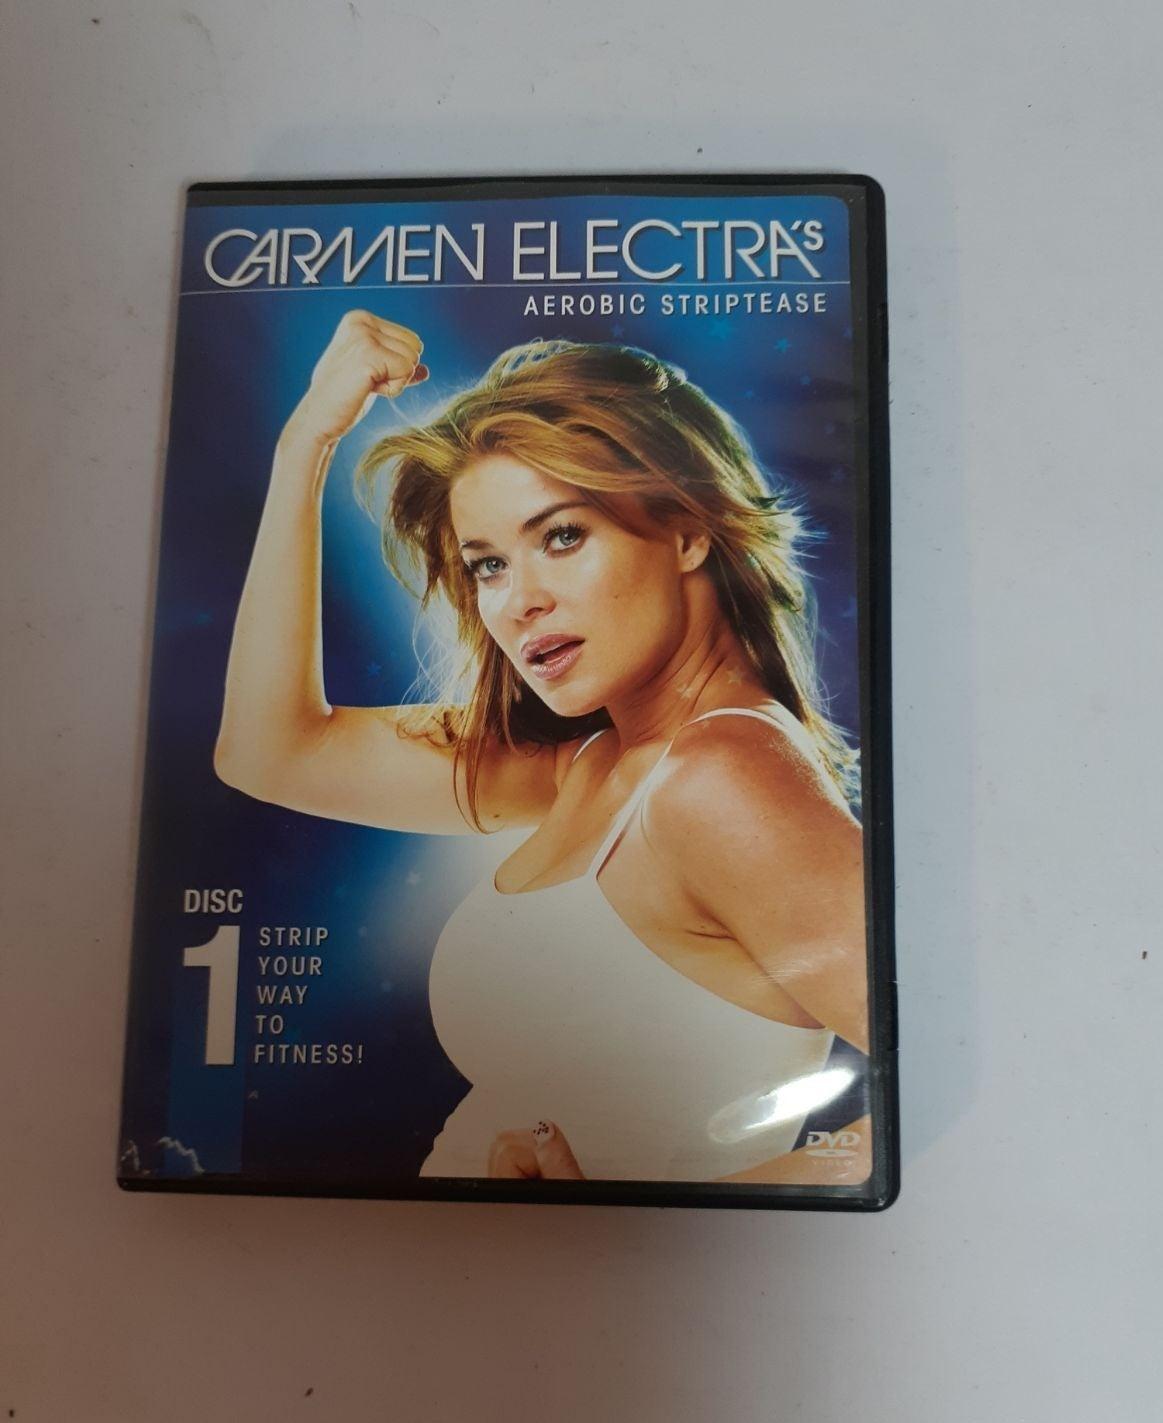 Carmen Electra Aerobic Striptease DVD